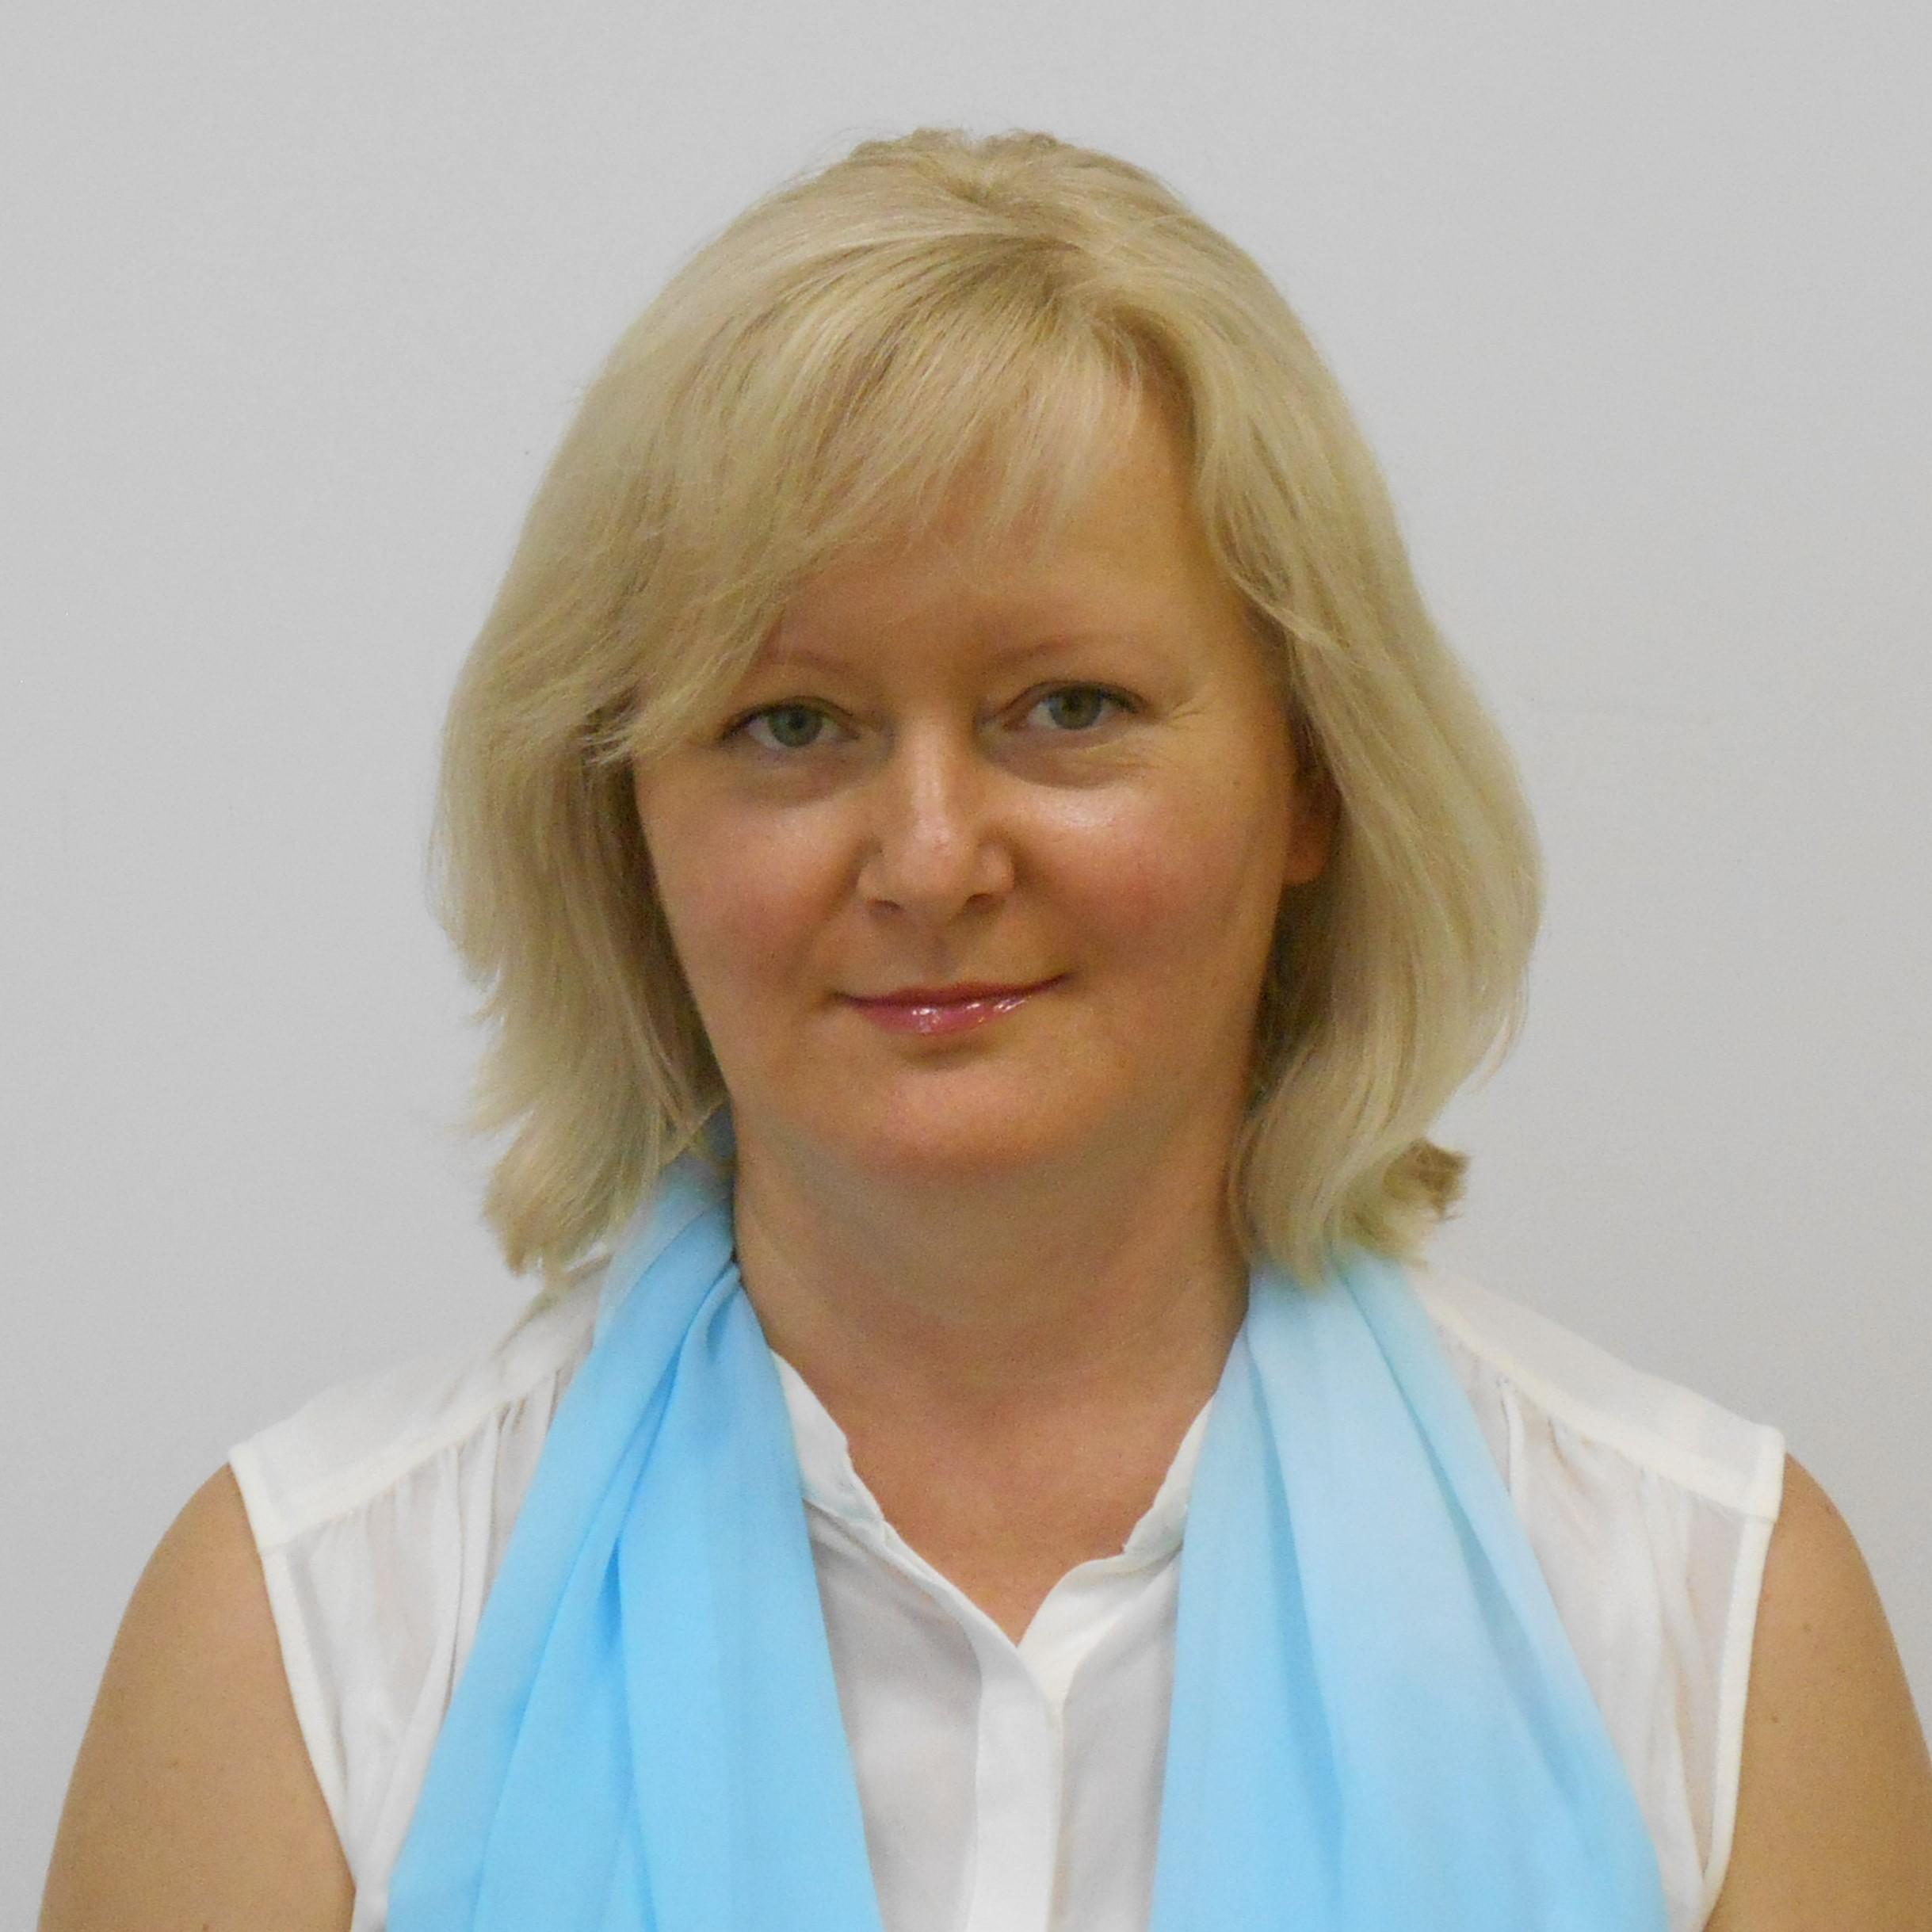 Павленко Татьяна Андреевна